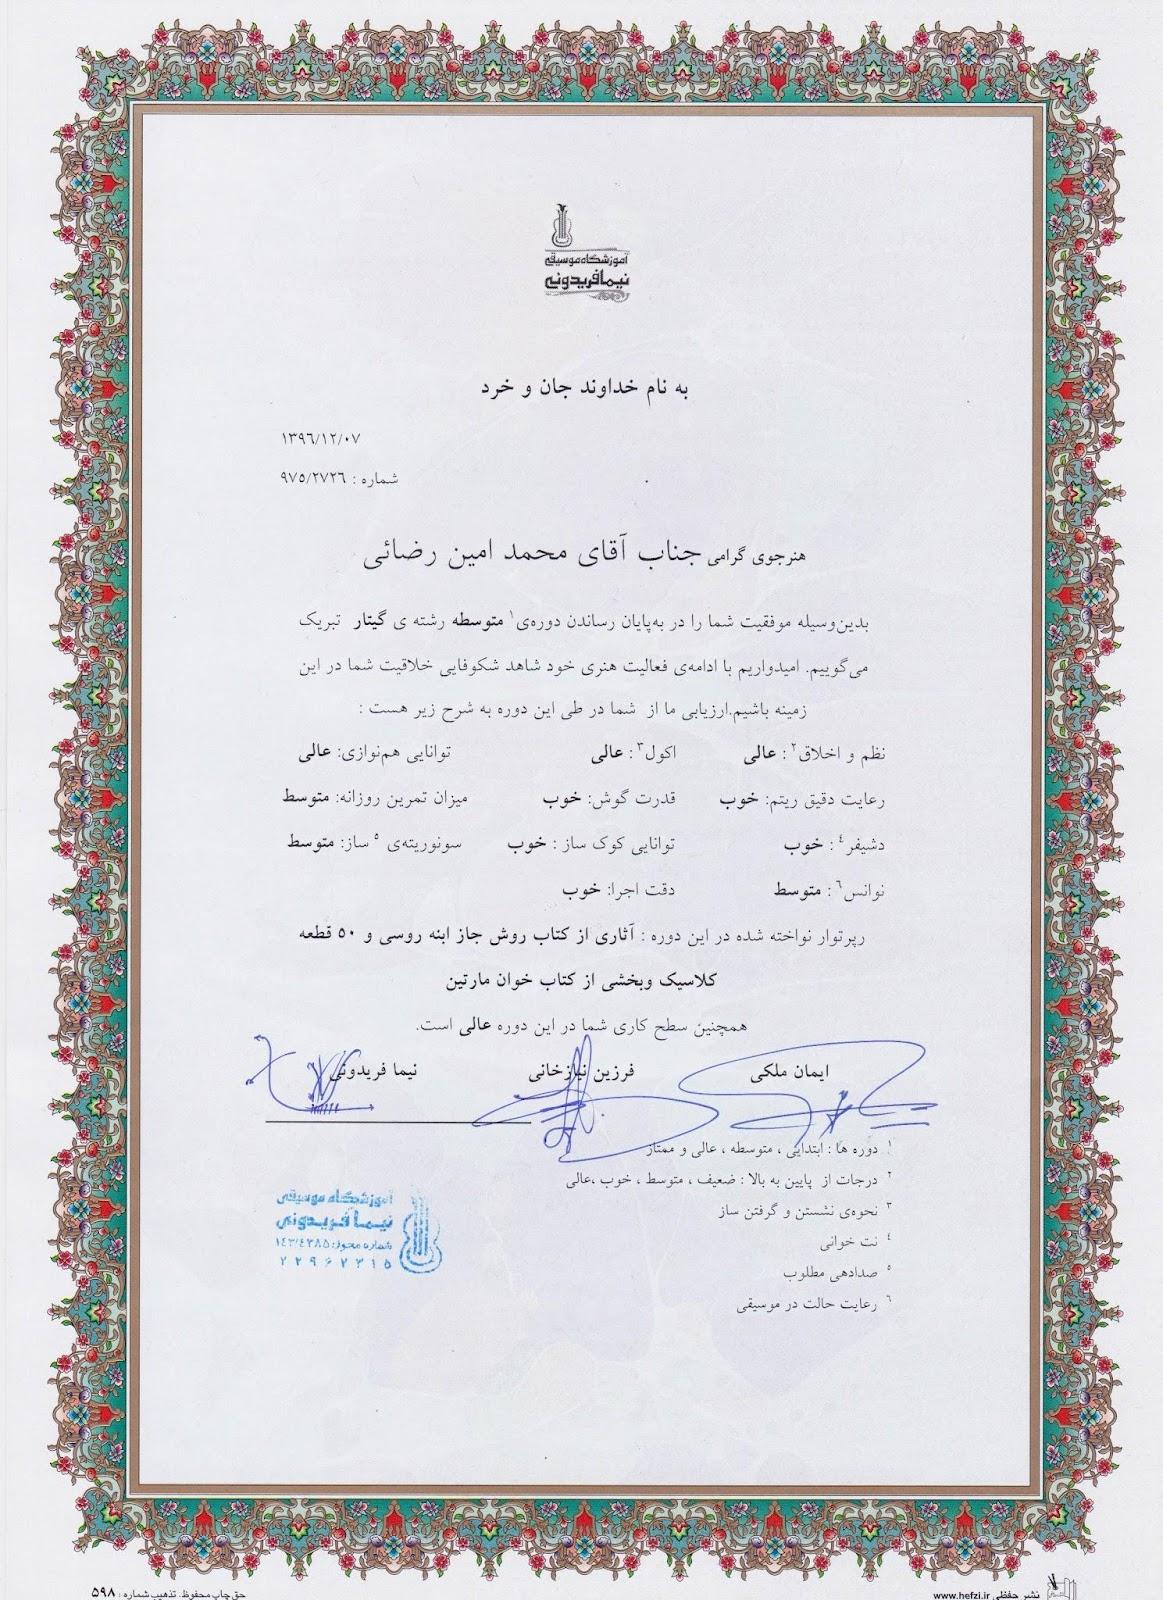 گواهینامهی پایاندورهی متوسطهی محمدامین رضایی هنرجوی گیتار فرزین نیازخانی